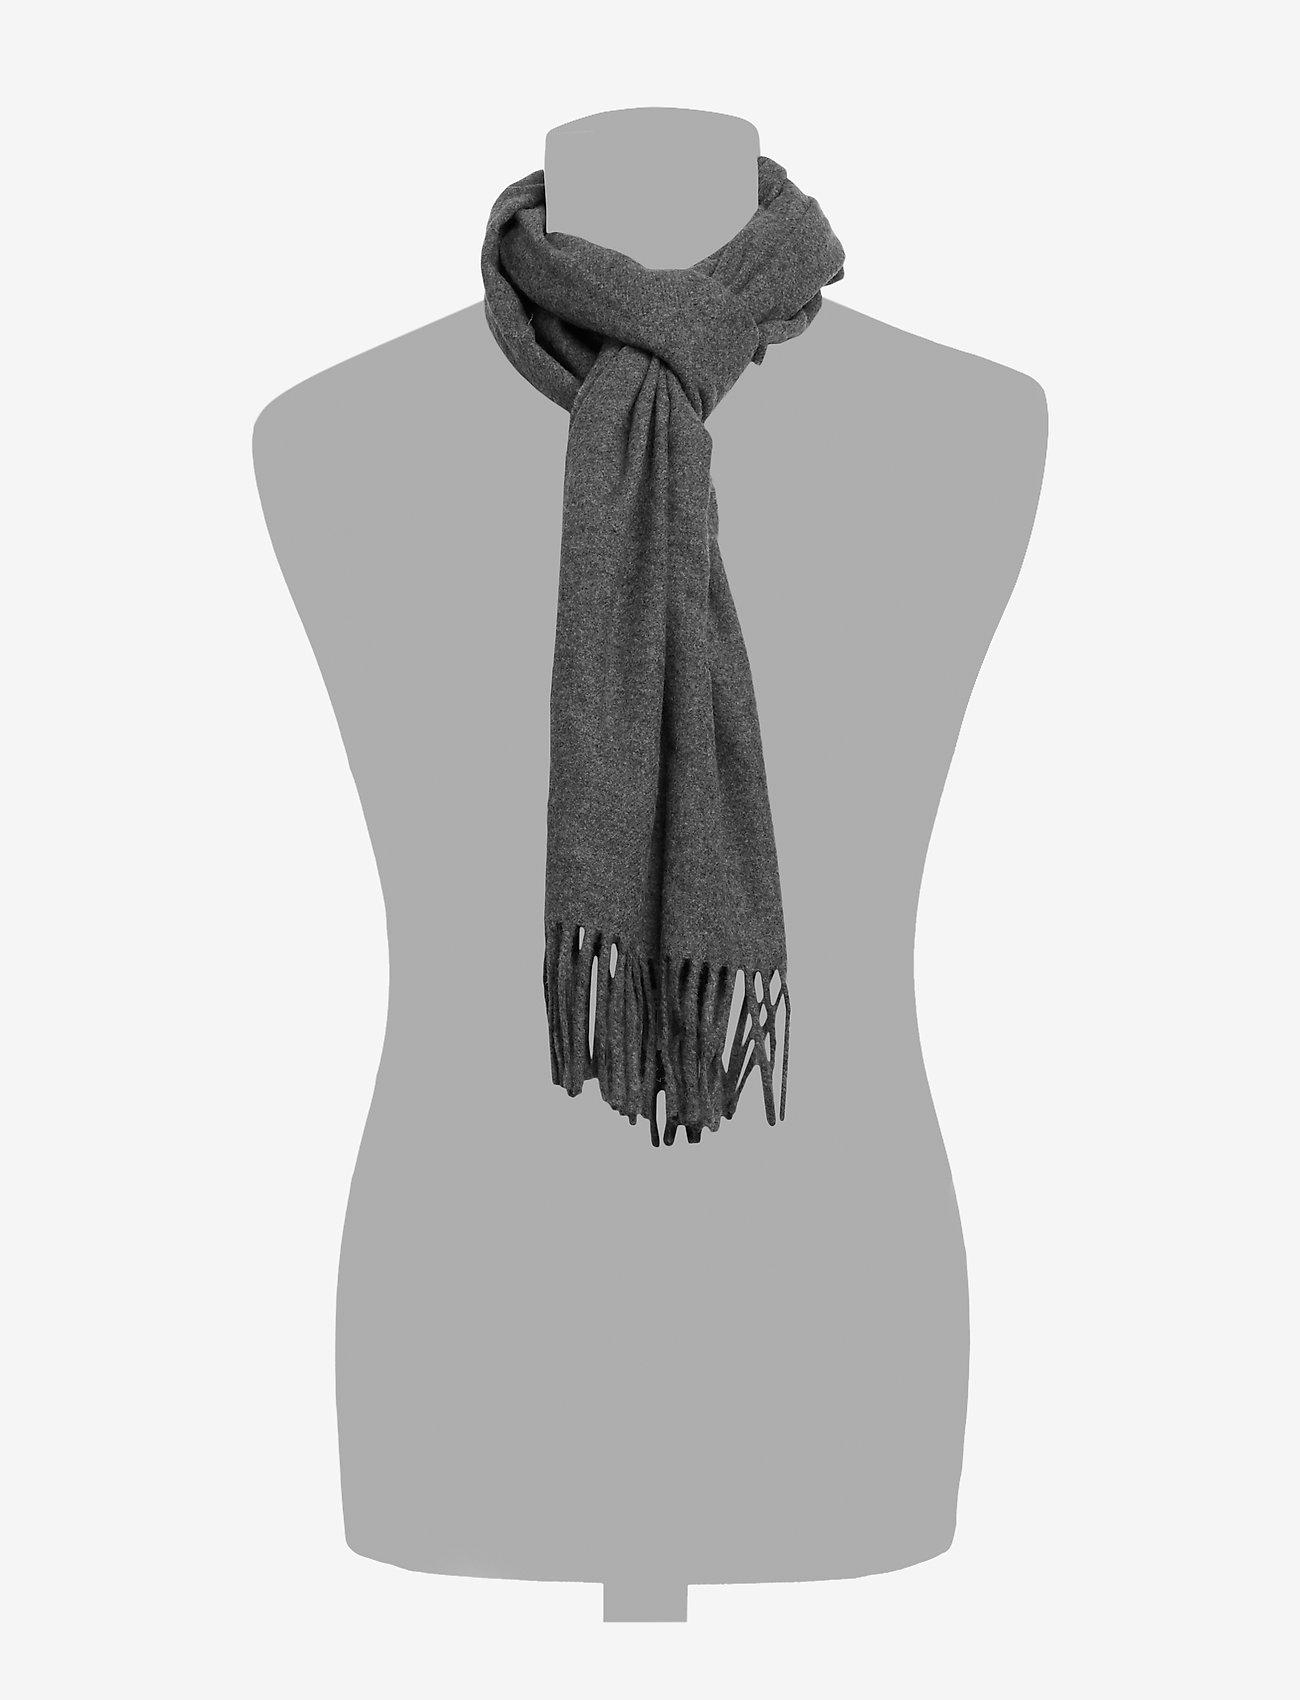 GANT - SOLID WOOL SCARF - scarves - charcoal melange - 1